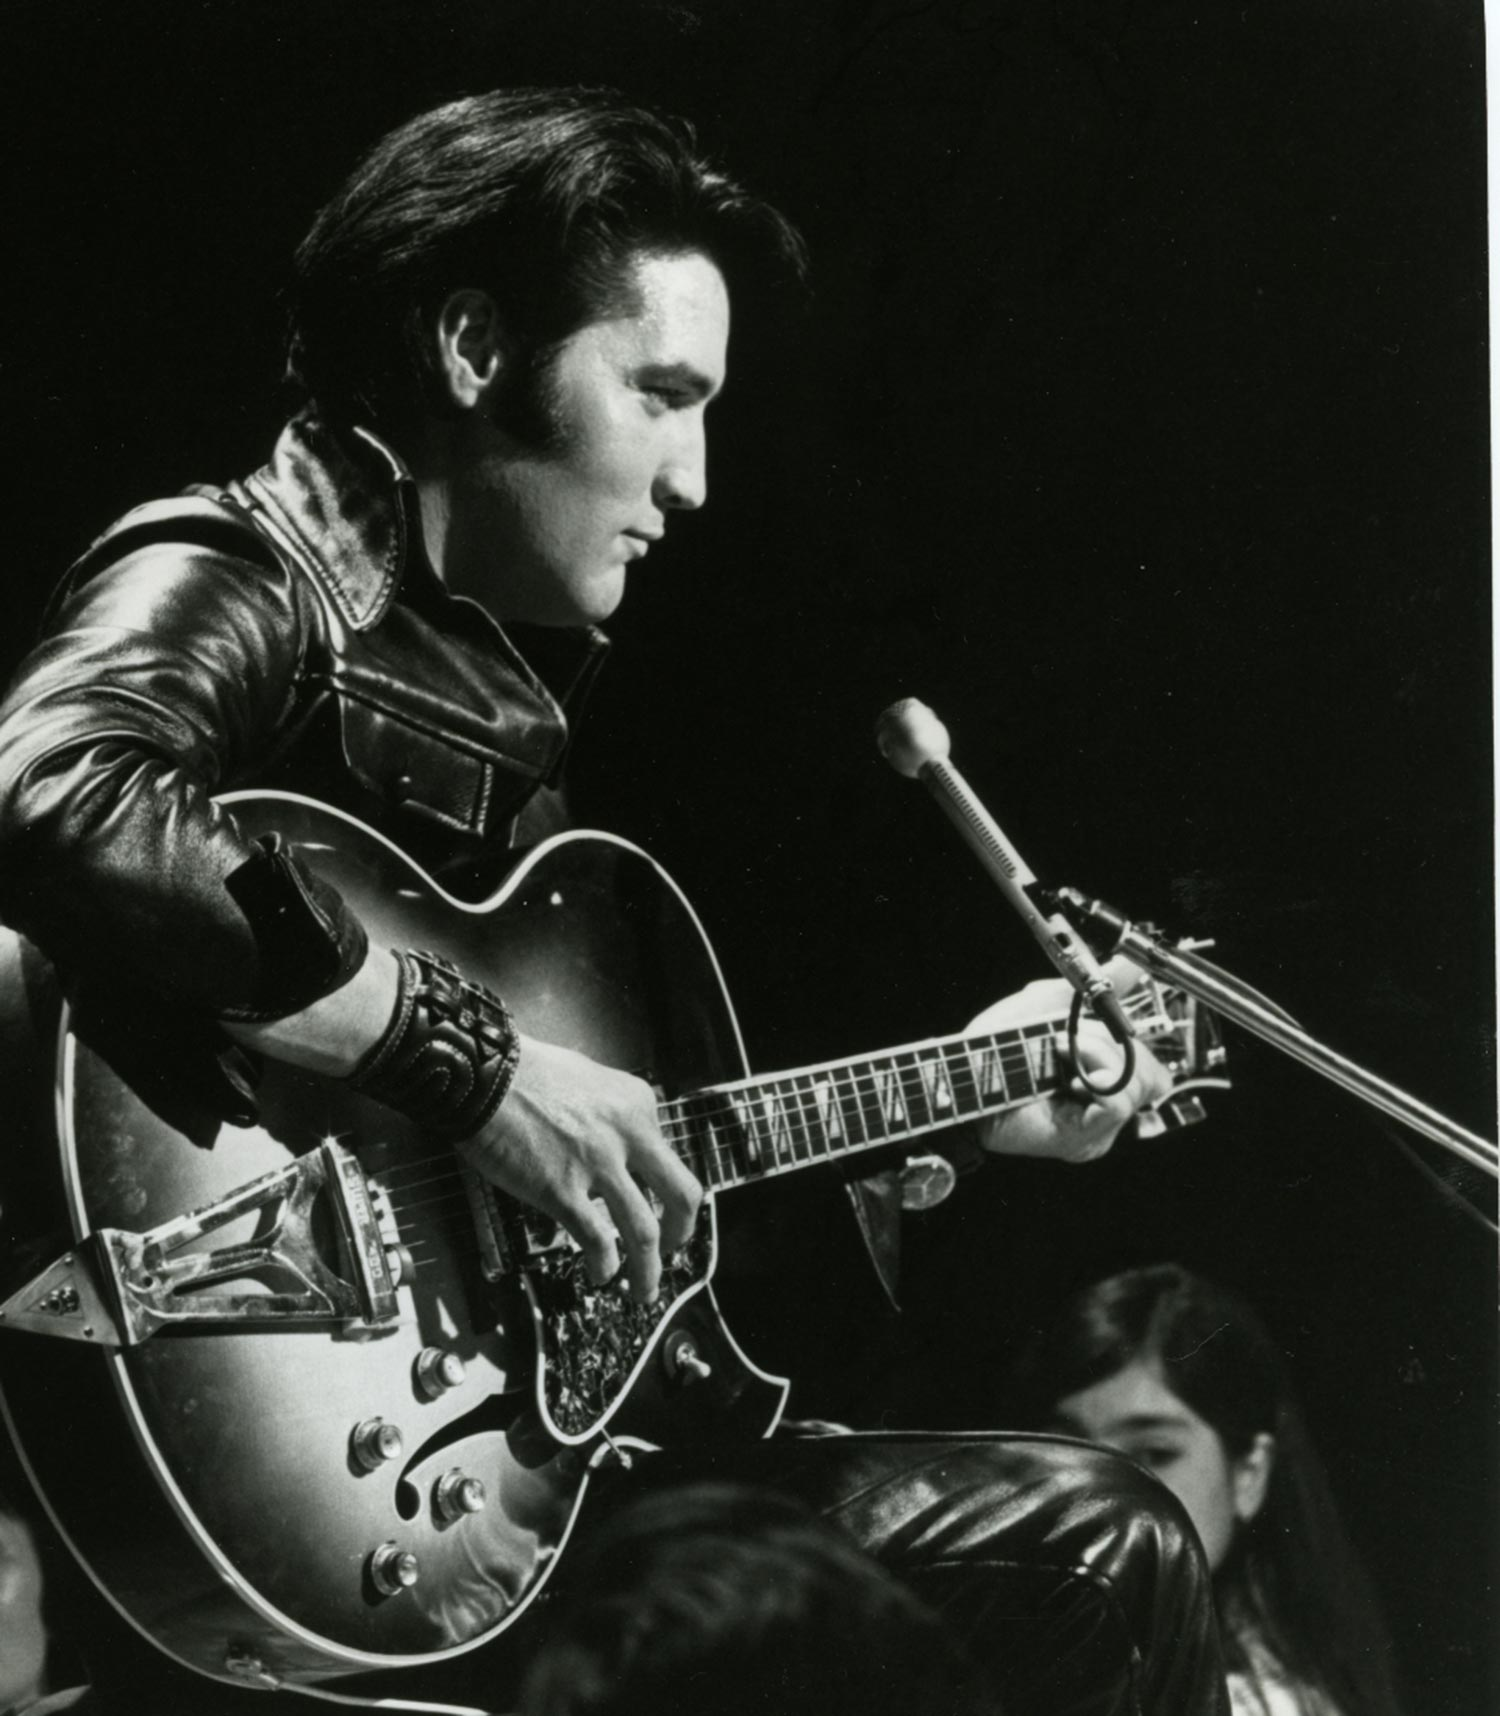 Imagen de Elvis Presley músico del género Rock activo en Los 50s